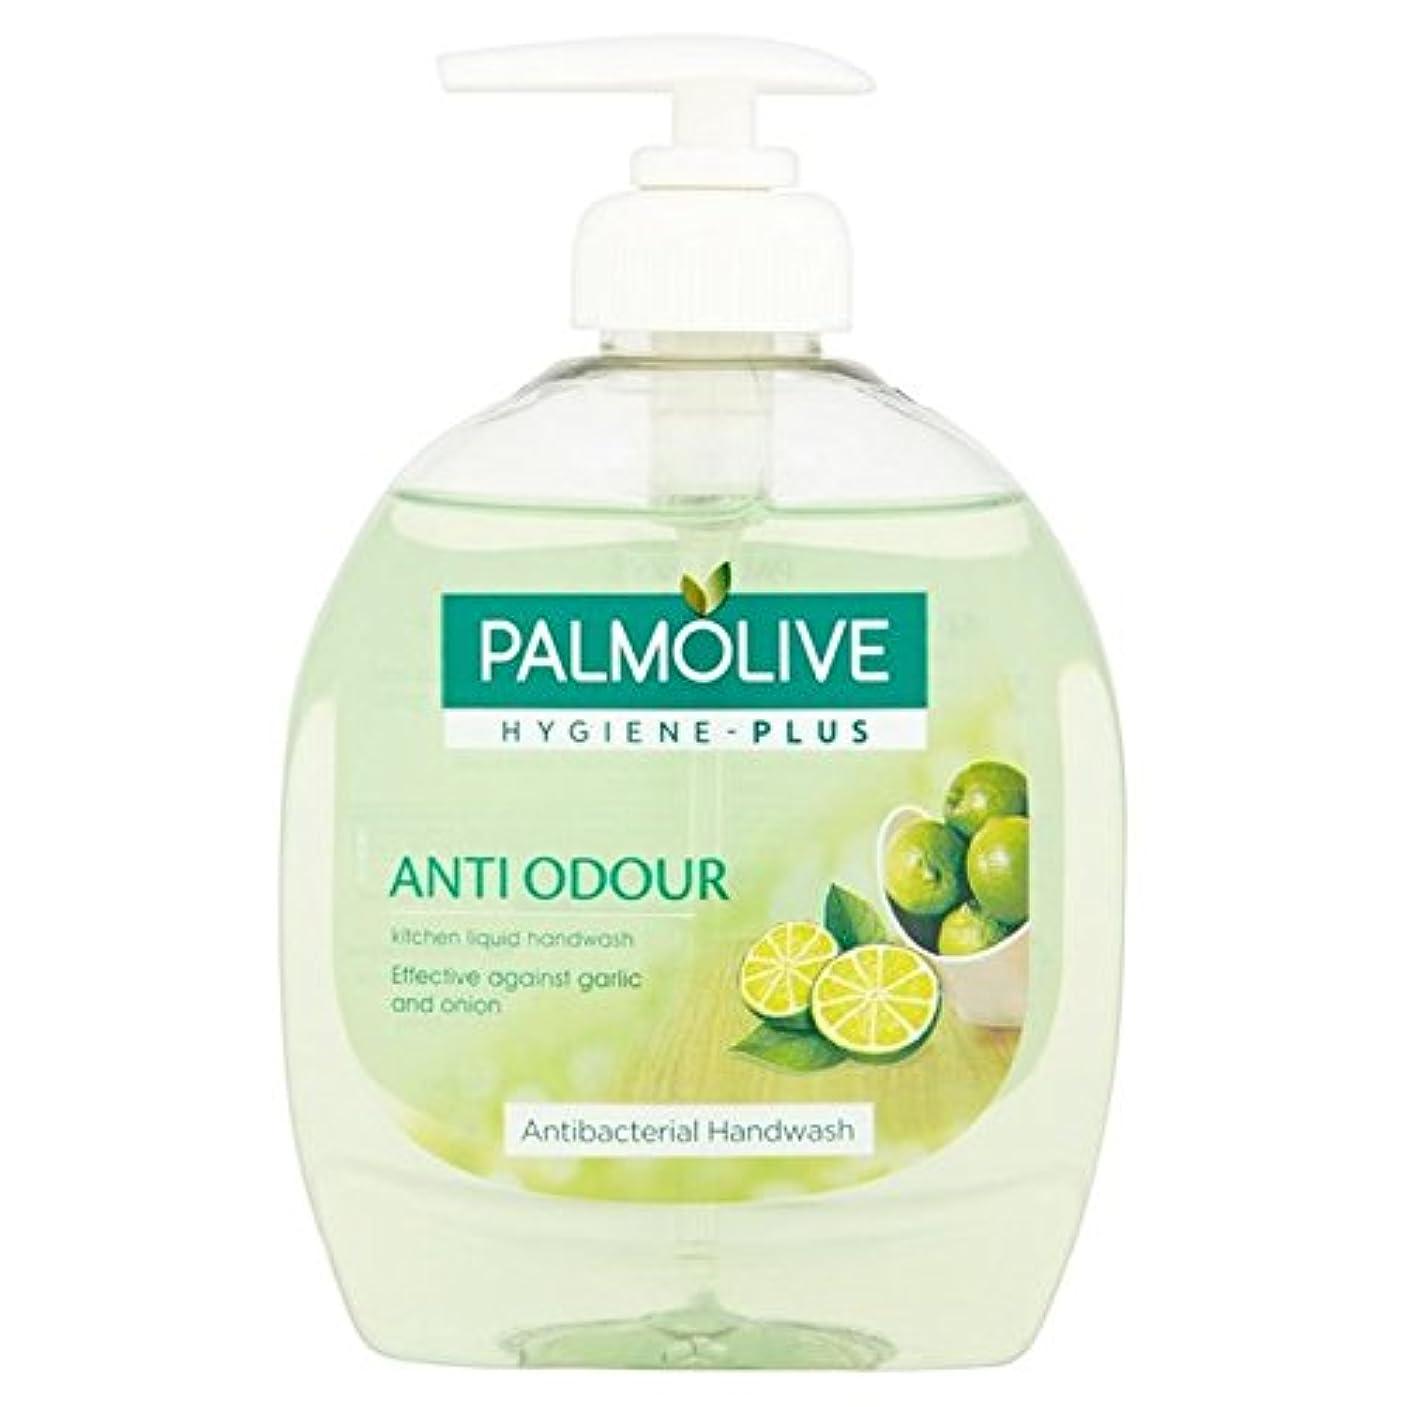 体系的に事務所ジョージハンブリーライム抽出物300ミリリットルとパルモ液体手洗い x2 - Palmolive Liquid Hand Wash with Lime Extract 300ml (Pack of 2) [並行輸入品]